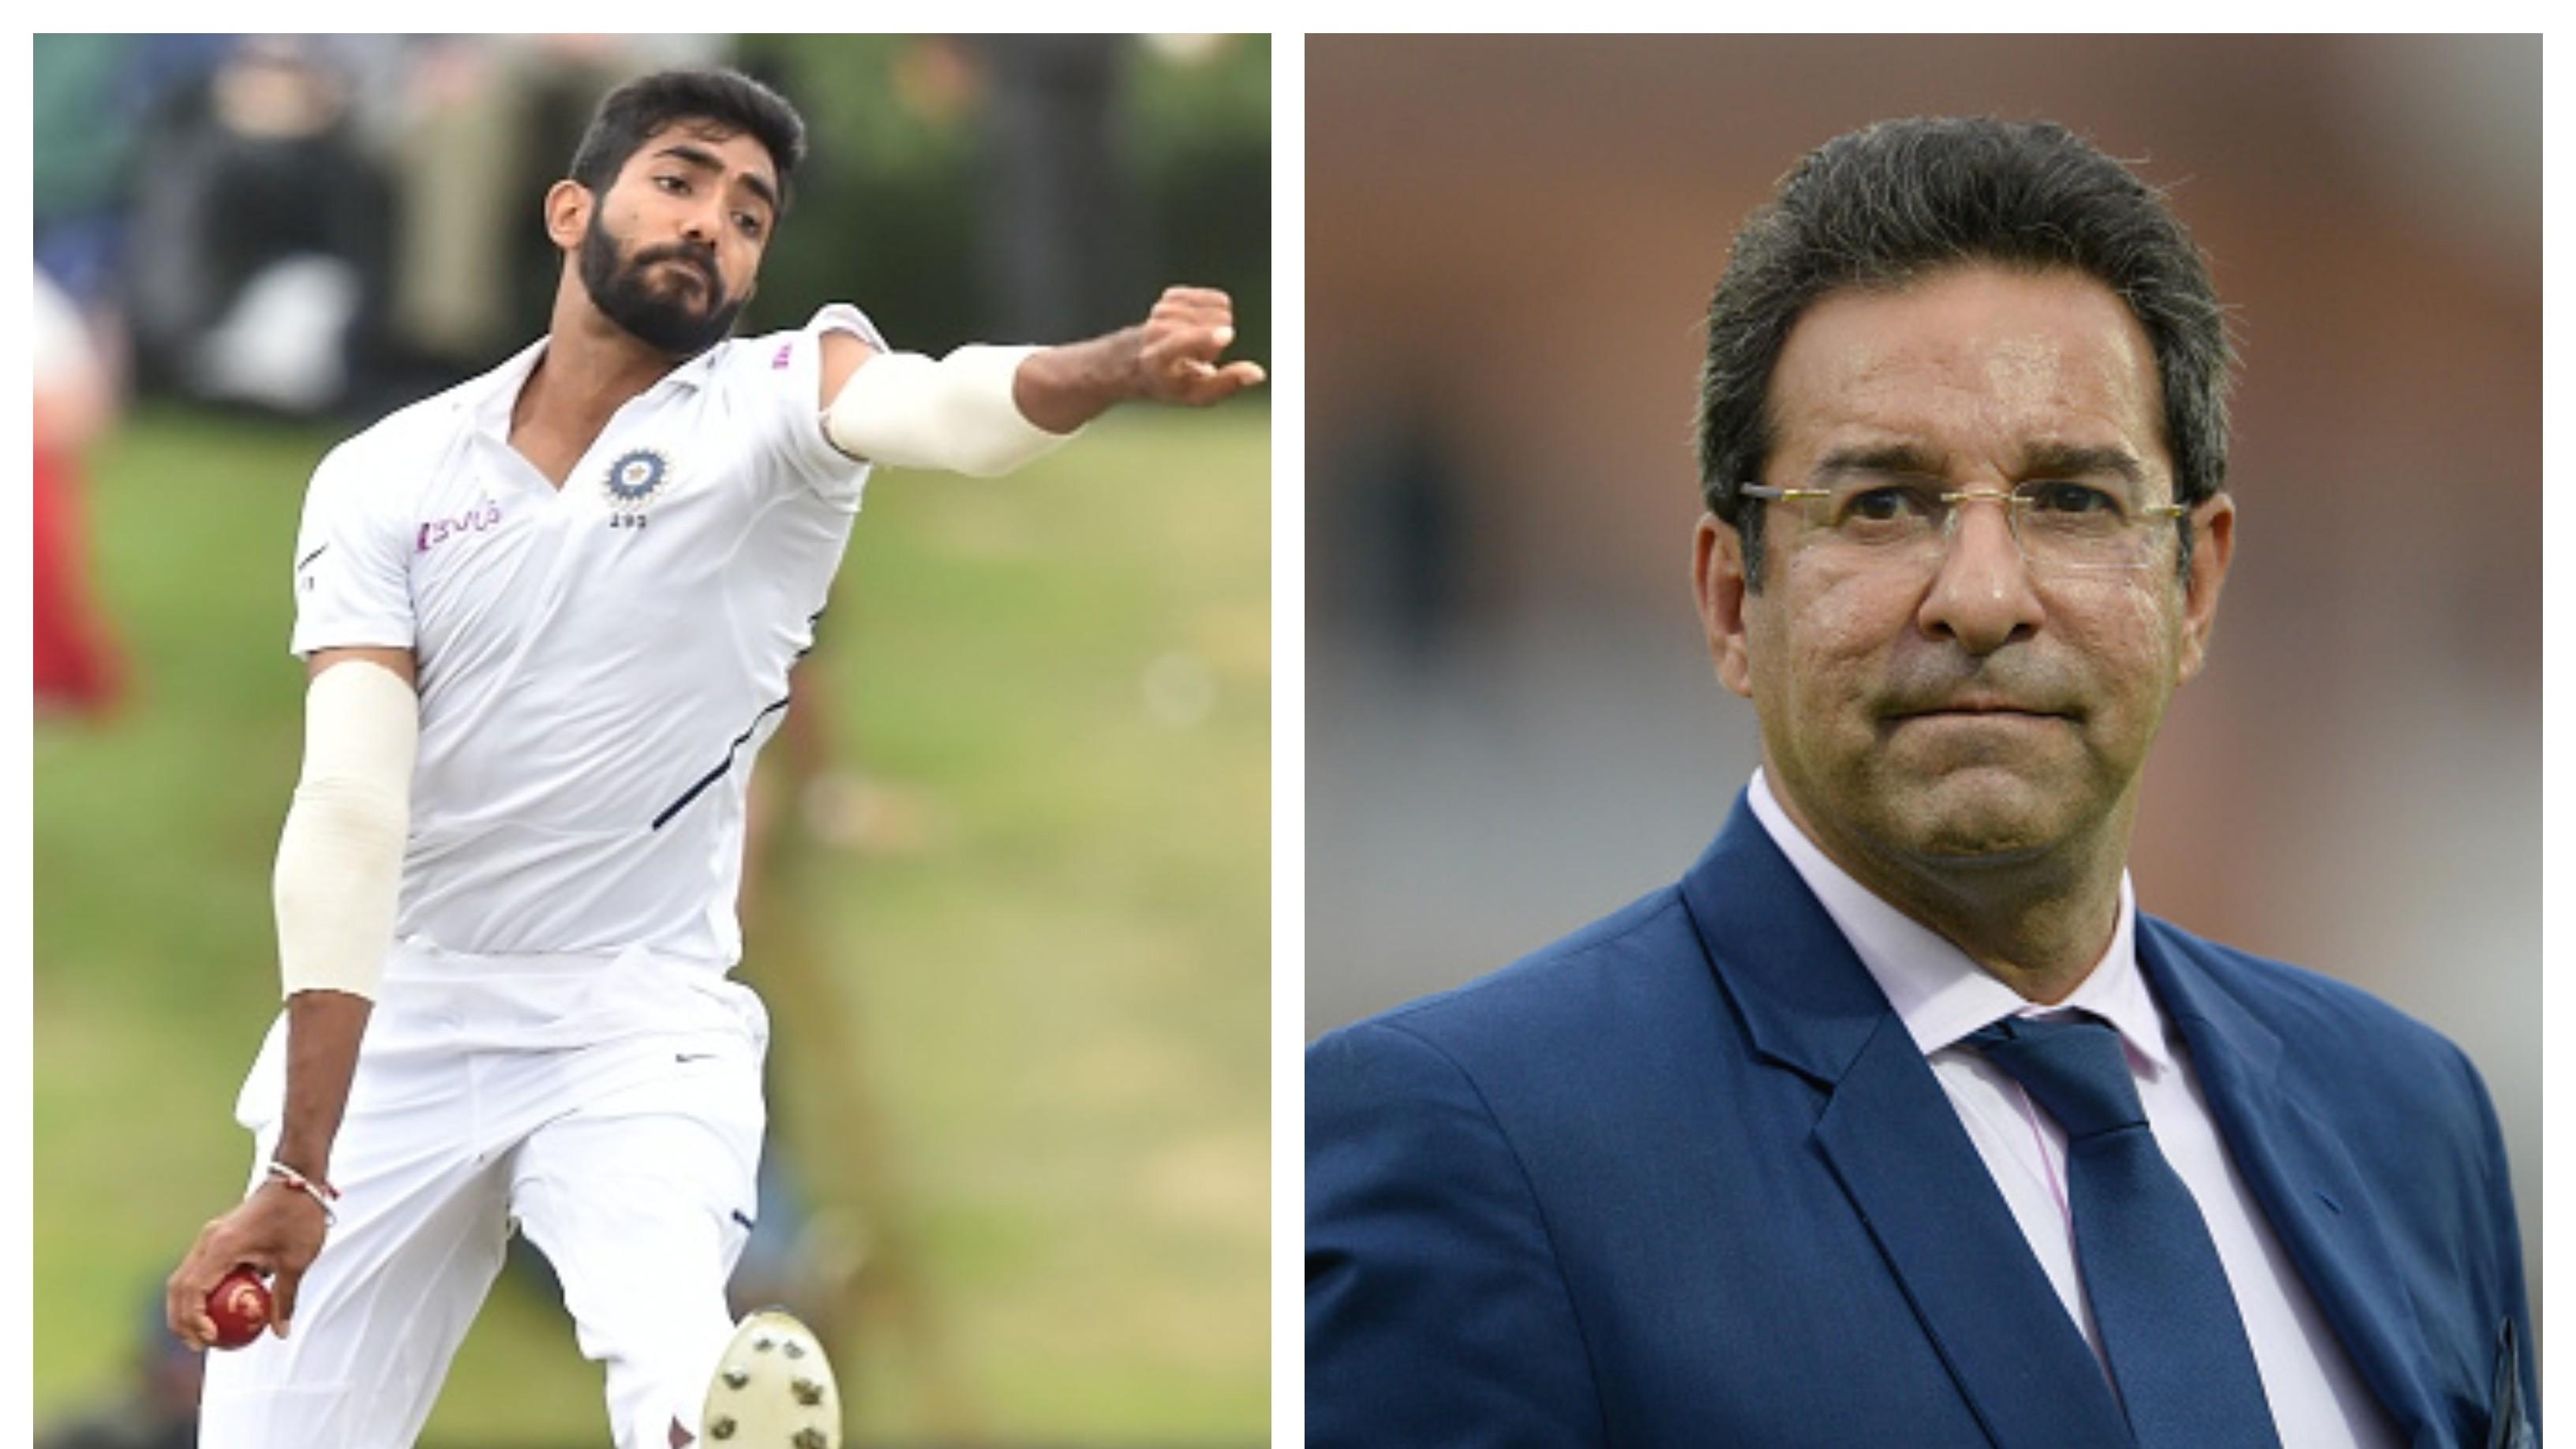 Wasim Akram warns Jasprit Bumrah to